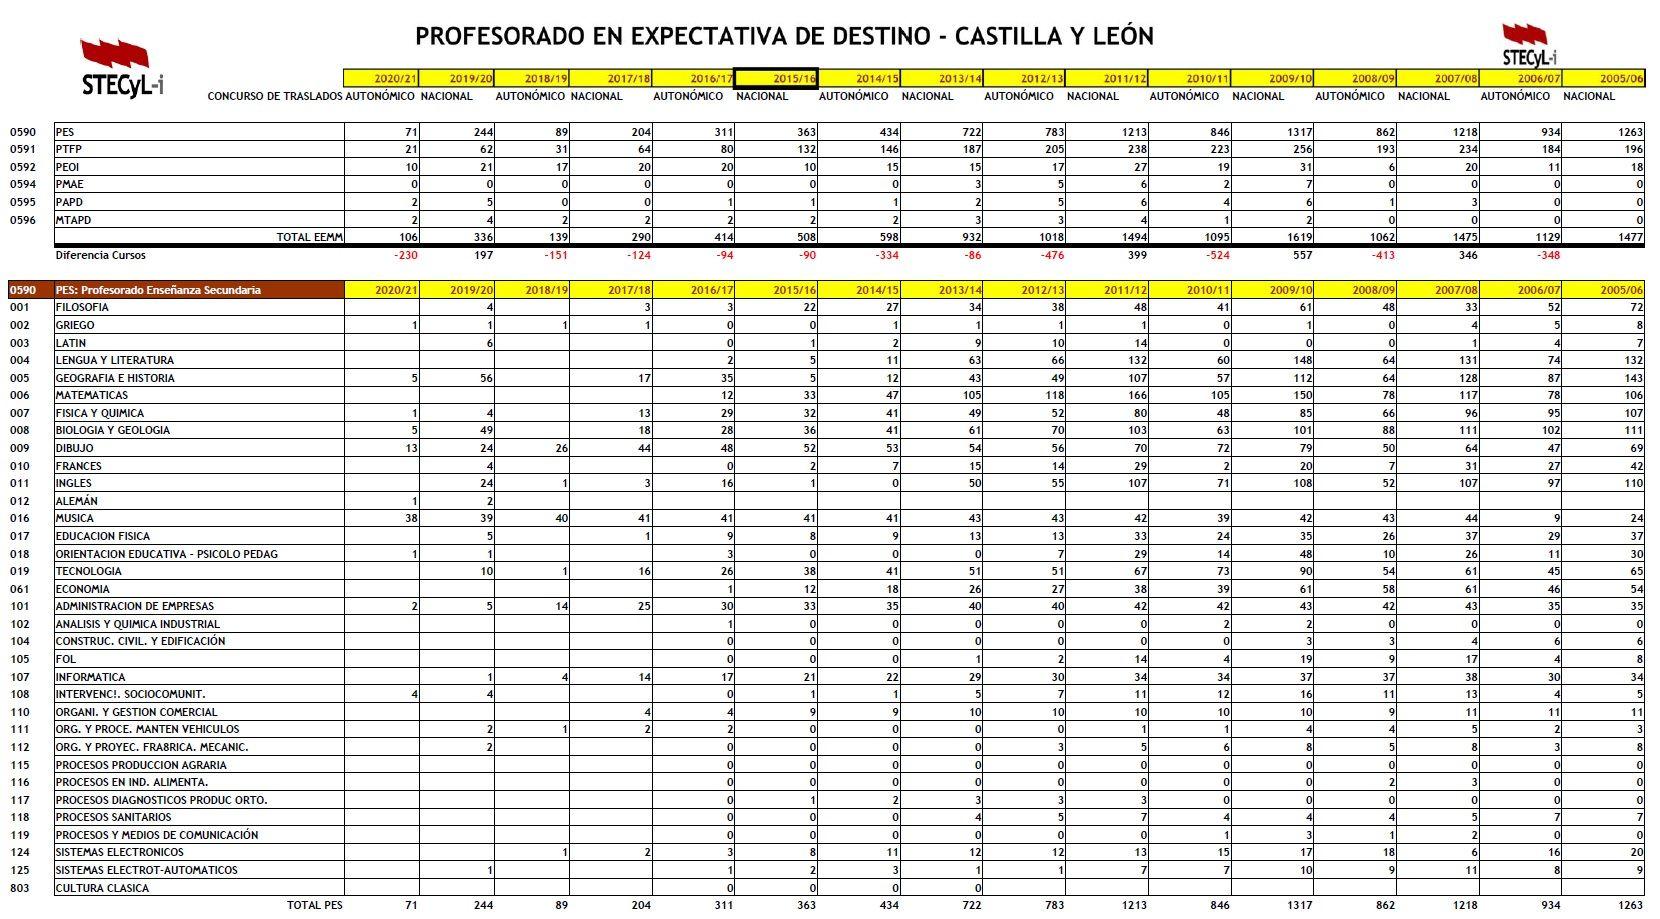 Expectativa-2005-2020-01